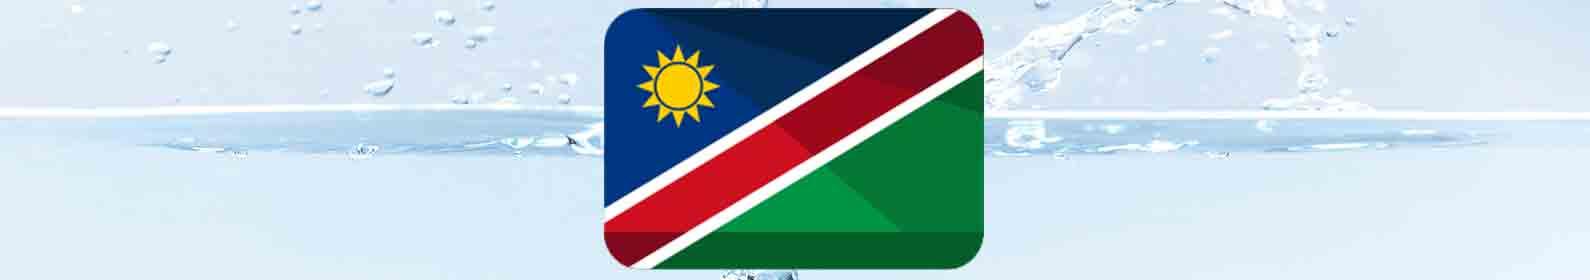 water-treatment-namibia.jpg